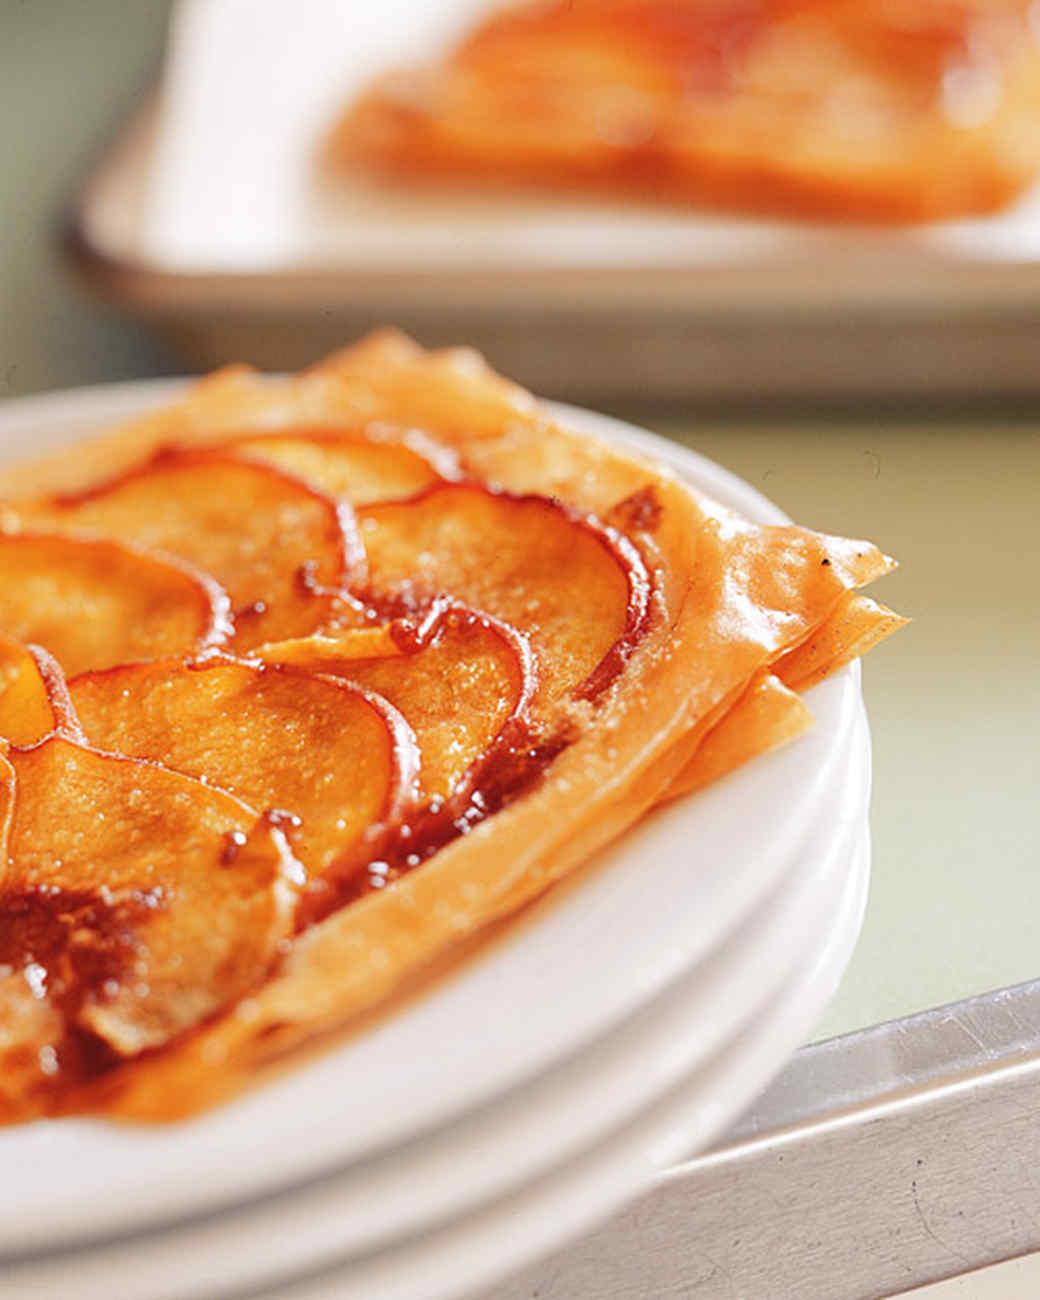 a97120_hqcb_peach_pastry.jpg